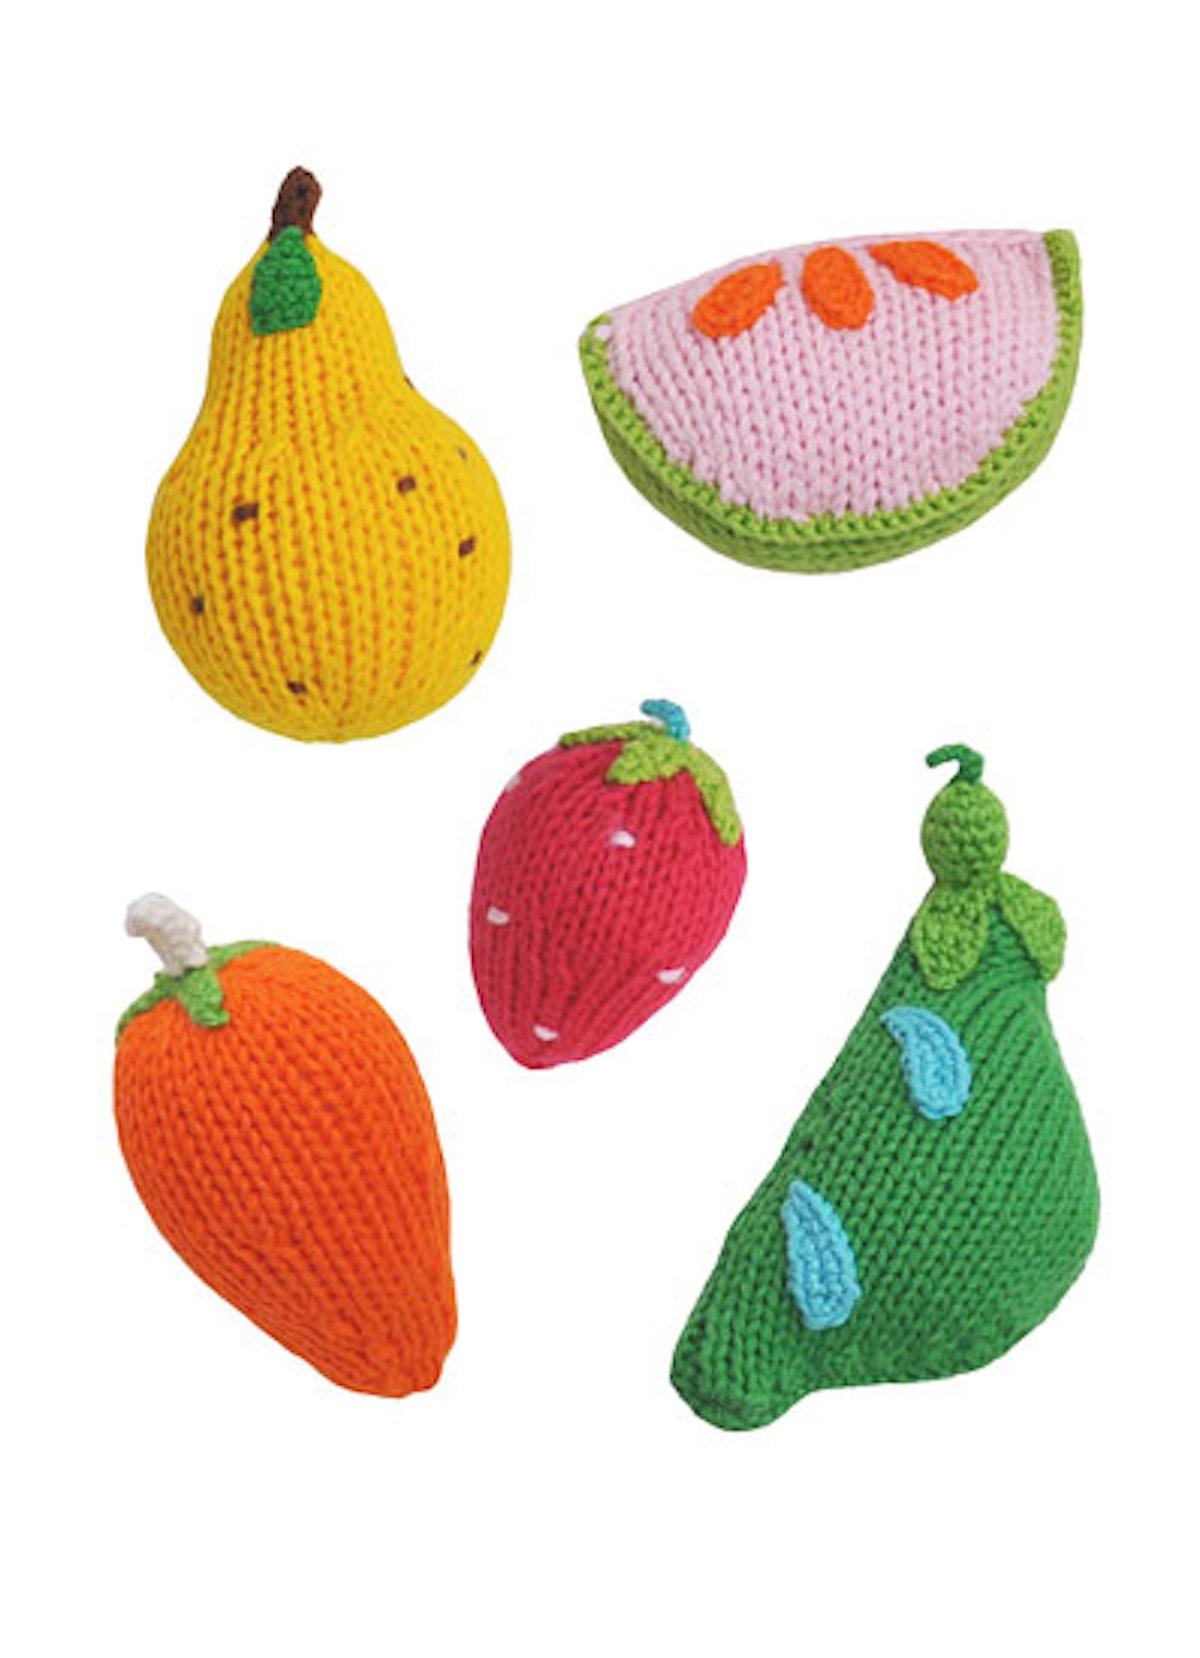 fass-fruit-trend-02-v.jpg